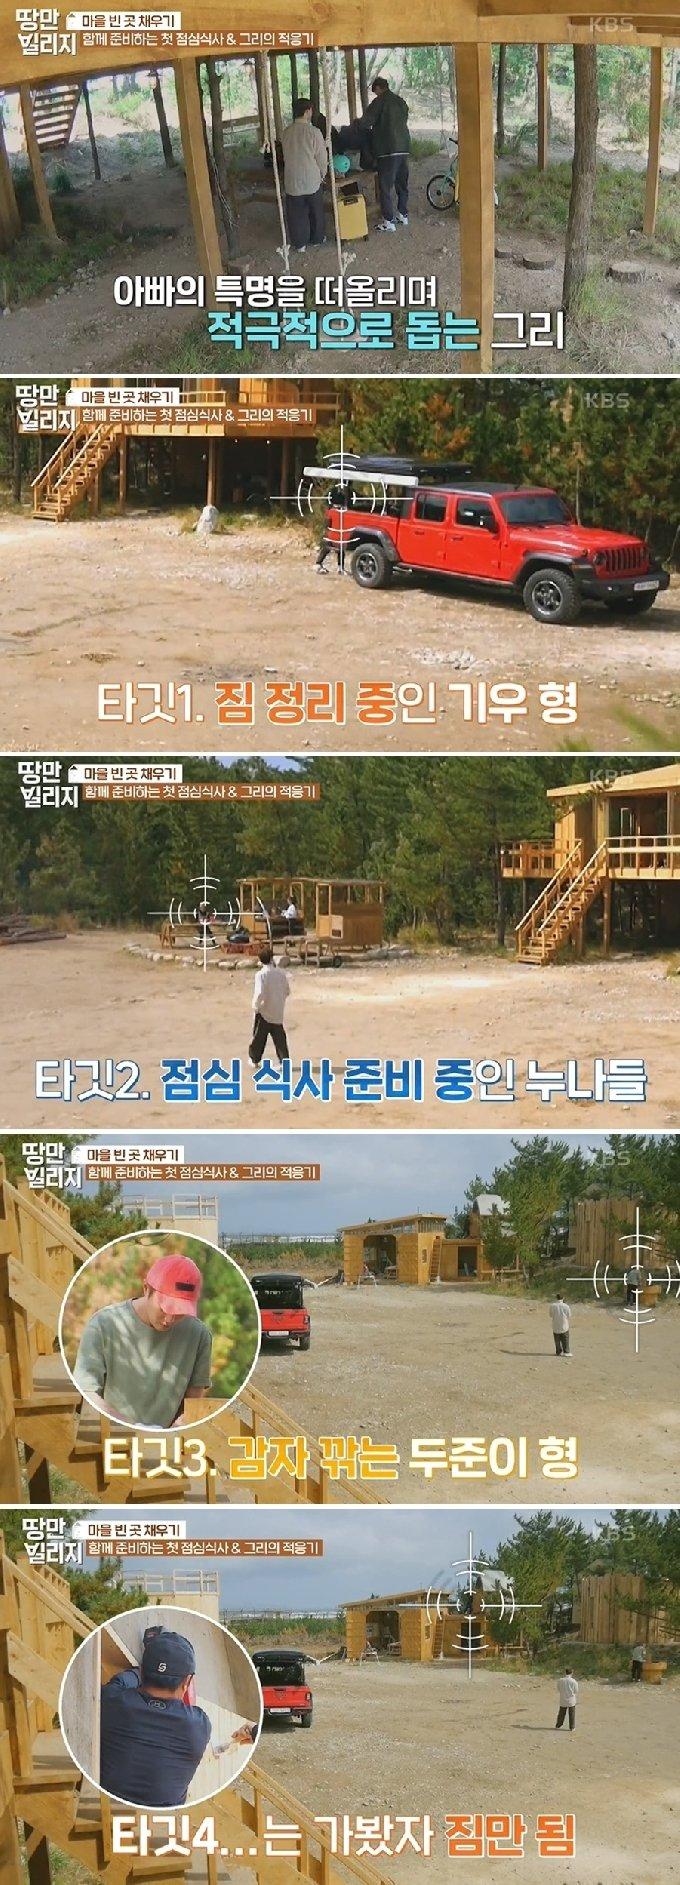 디스커버리 채널 코리아-KBS의 '땅만 빌리지' 방송화면 갈무리 © 뉴스1